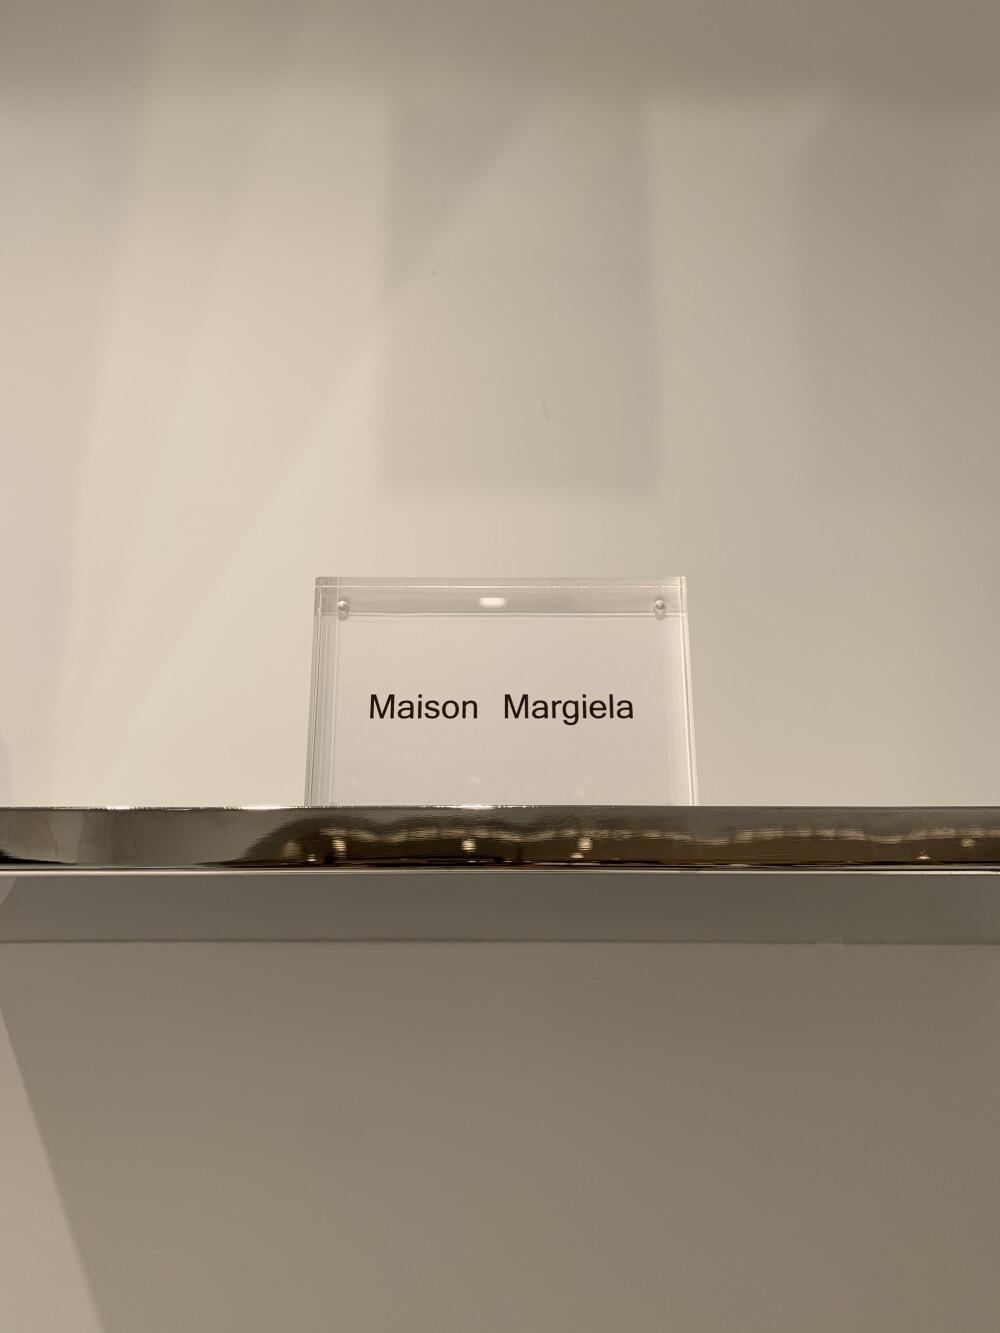 新作紹介「Maison Margiela」